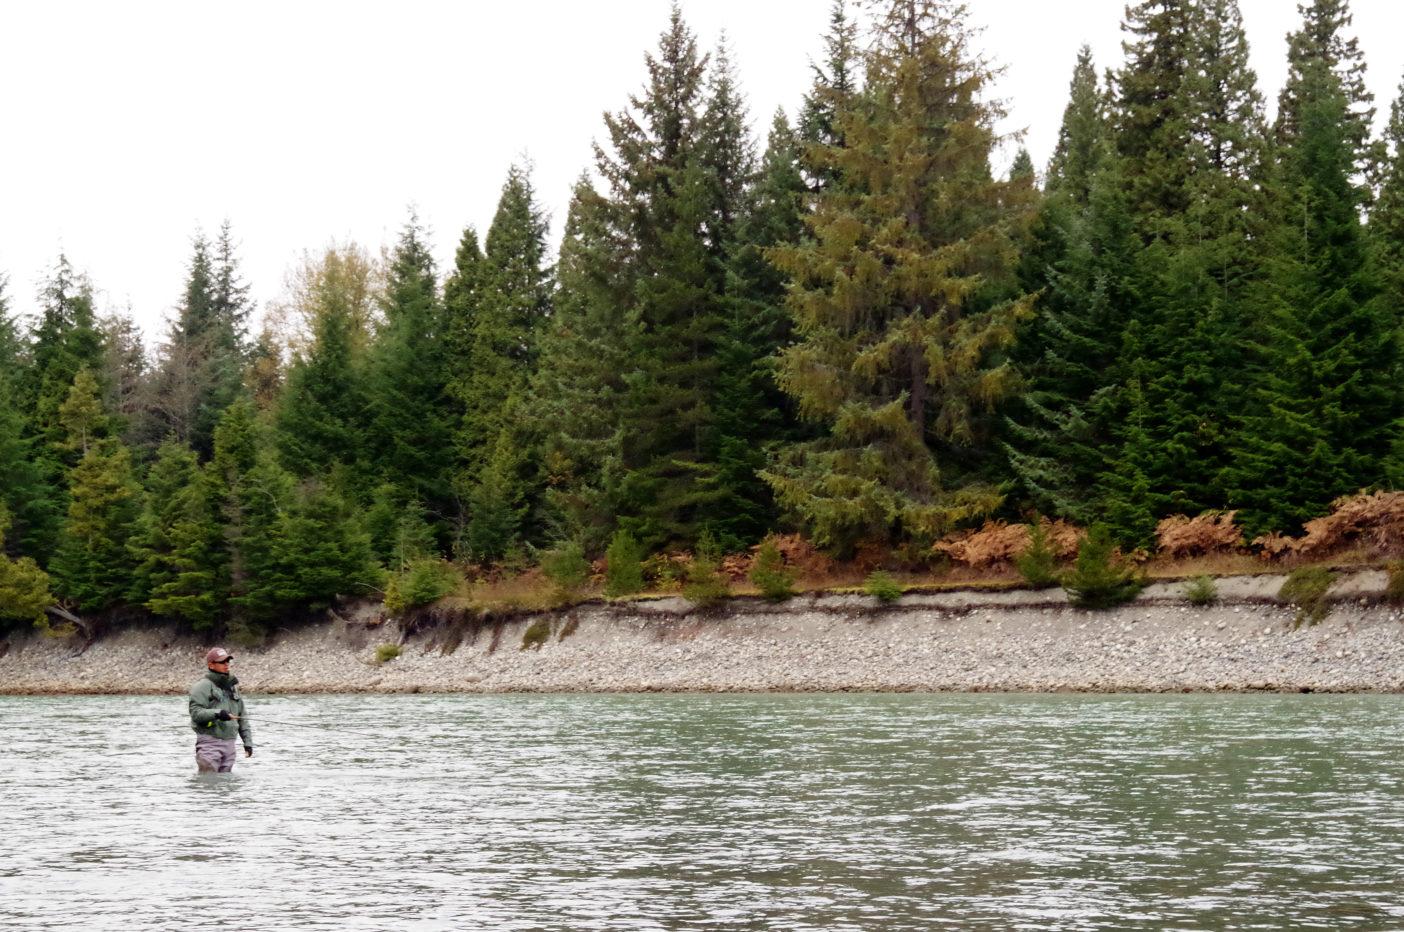 護岸も無く水流に削られた川岸が露出しているケイラム川。写真:足立信正